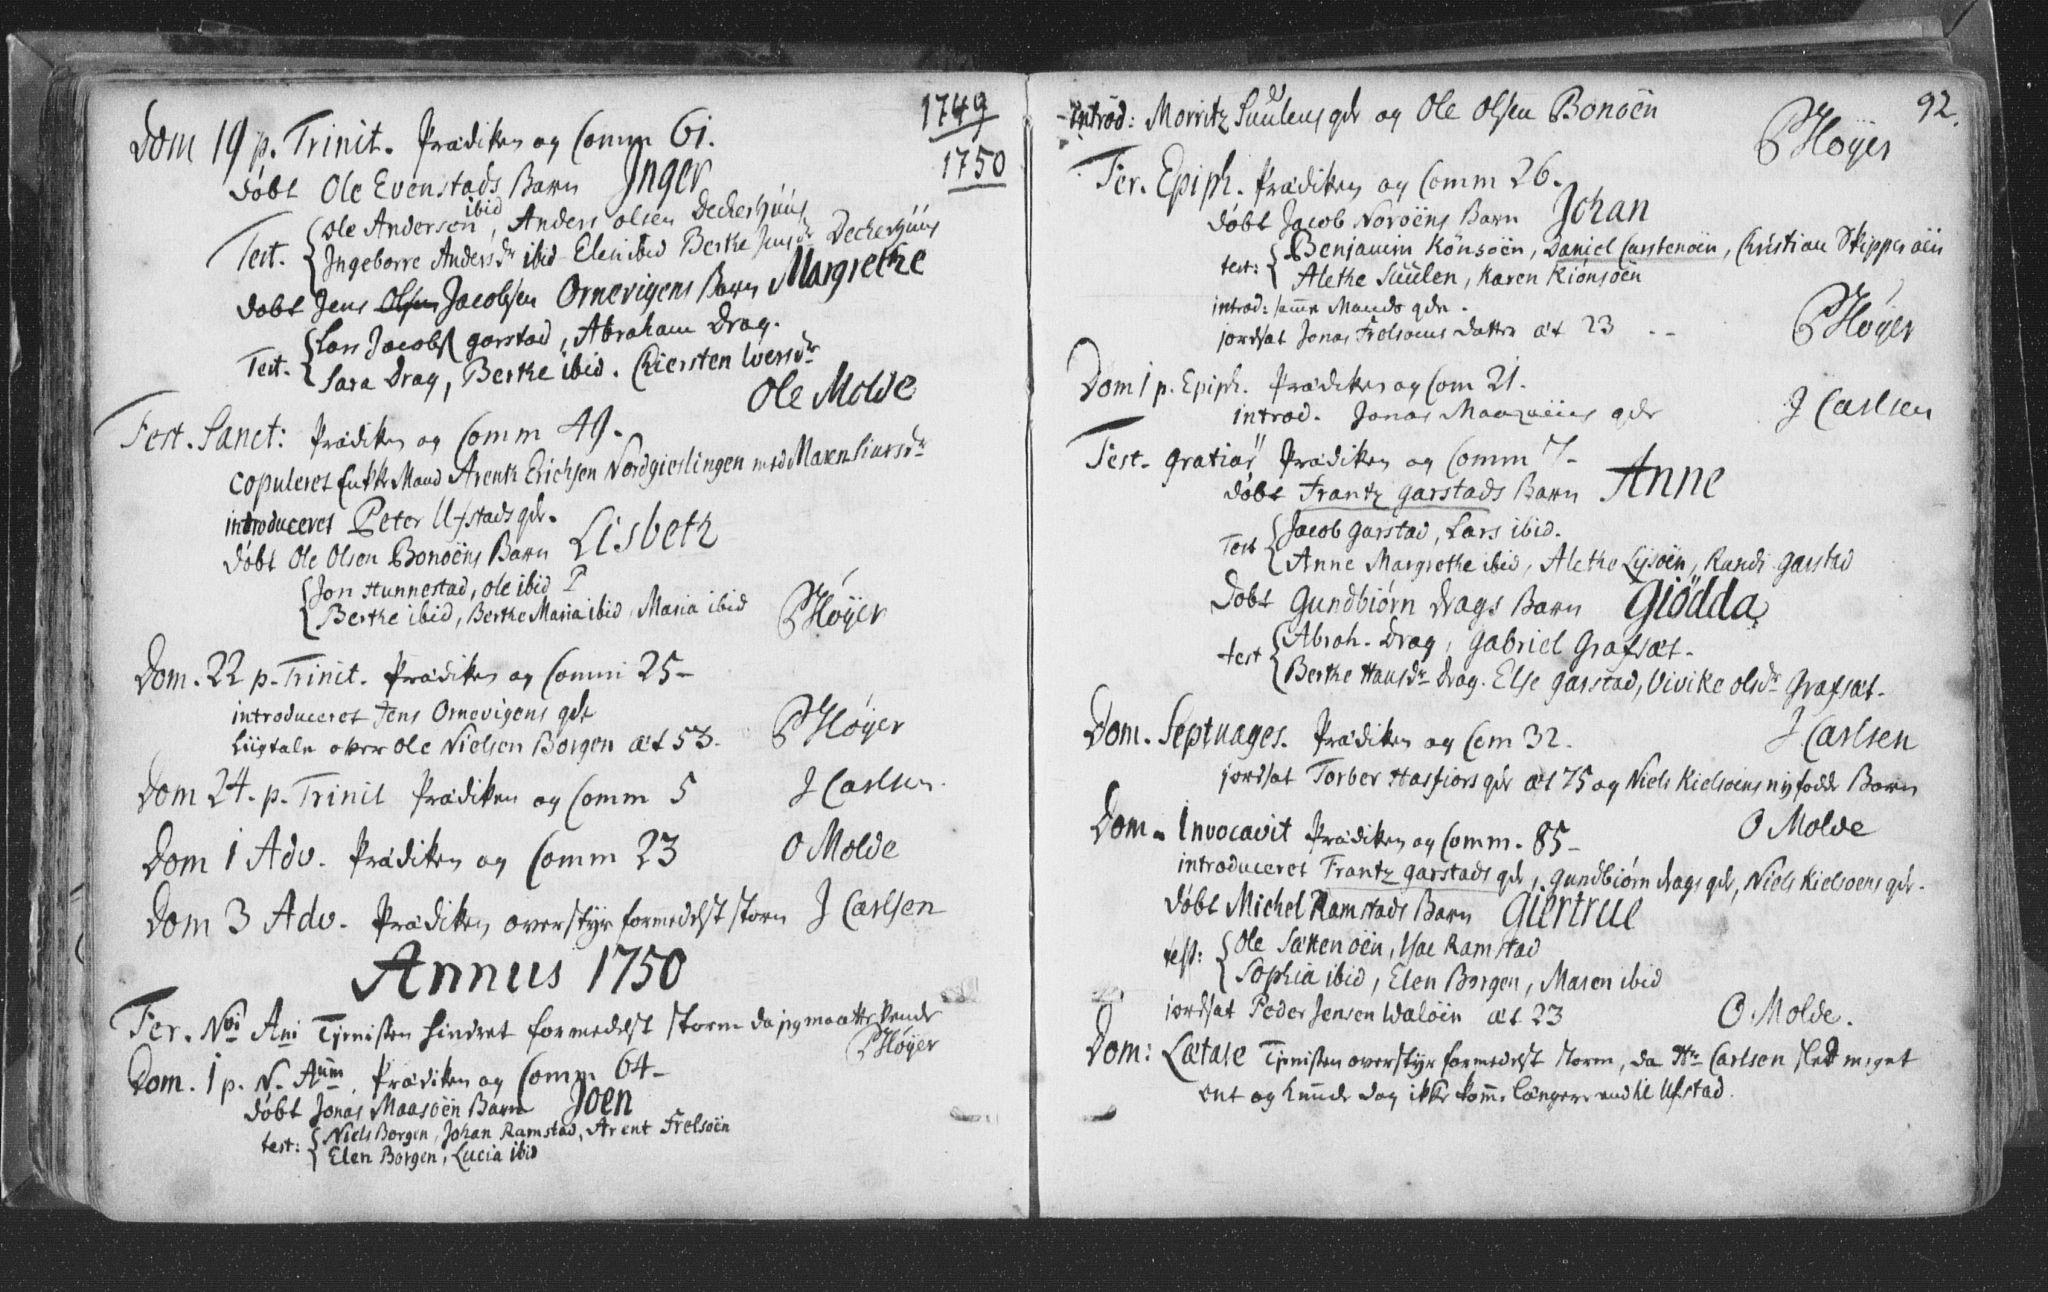 SAT, Ministerialprotokoller, klokkerbøker og fødselsregistre - Nord-Trøndelag, 786/L0685: Ministerialbok nr. 786A01, 1710-1798, s. 92